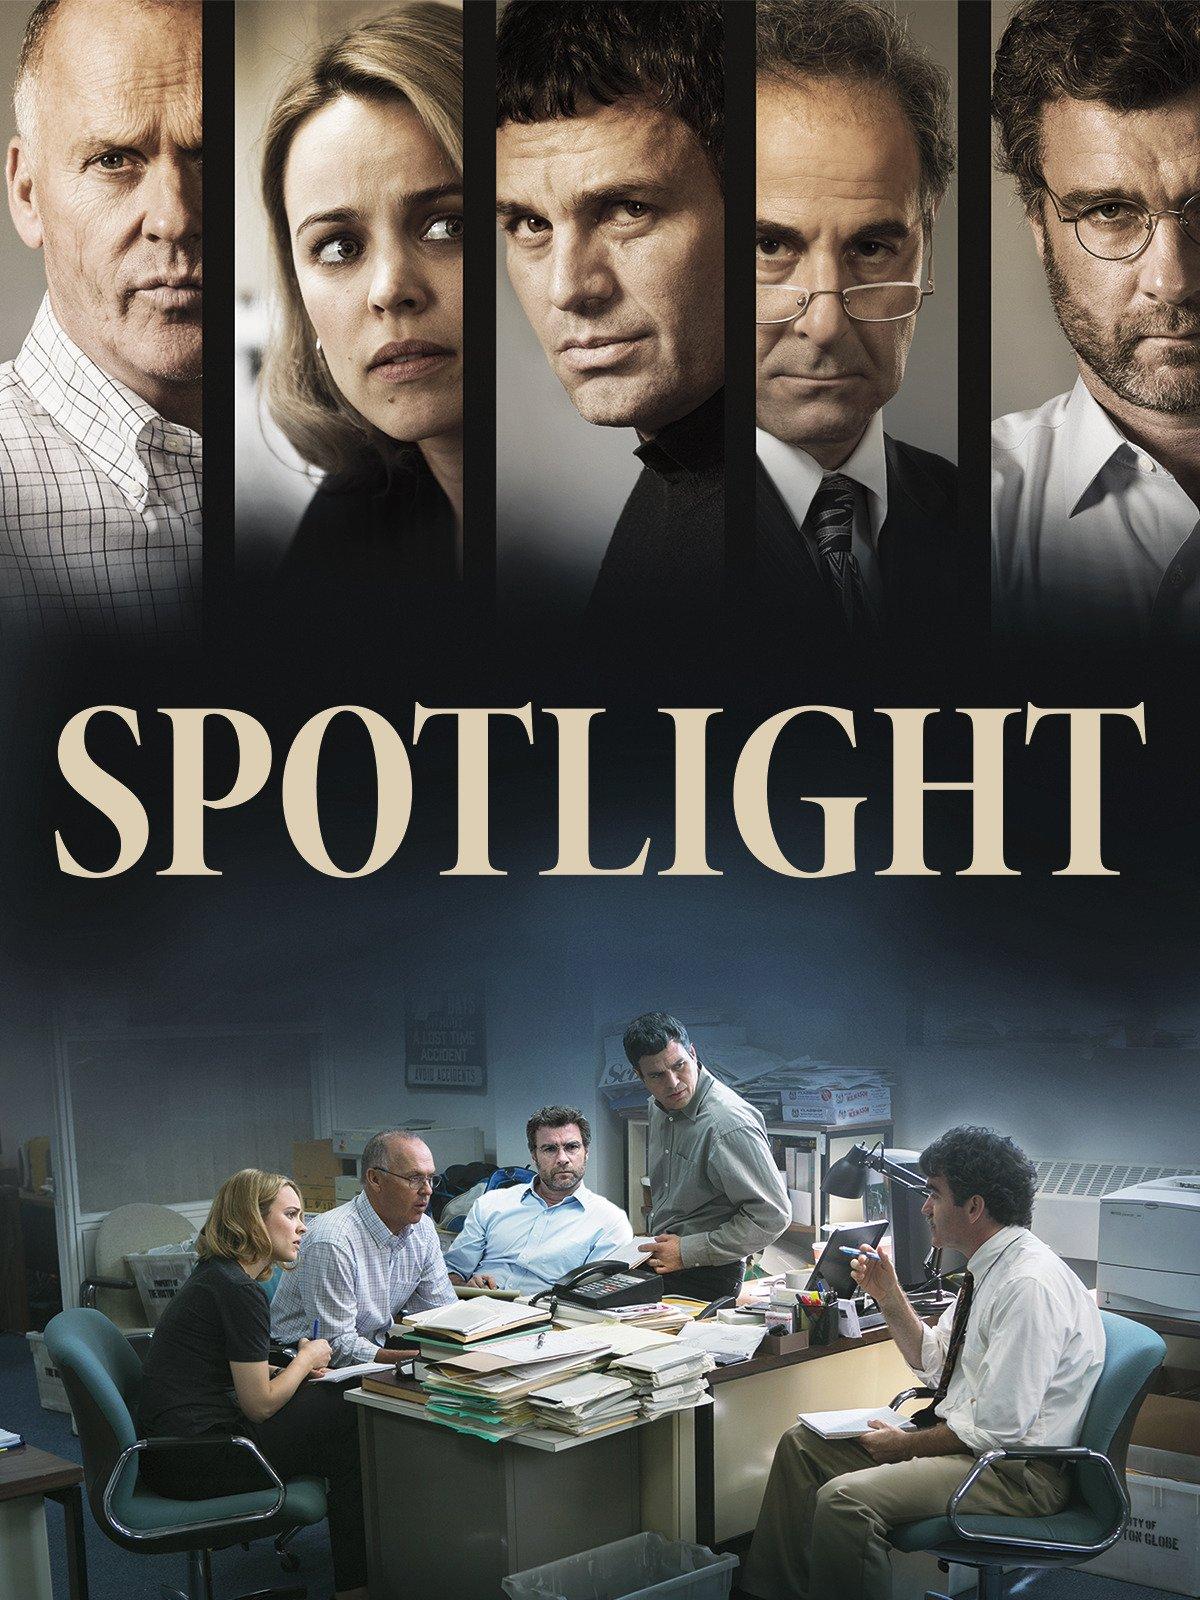 Spotlight Film Netflix